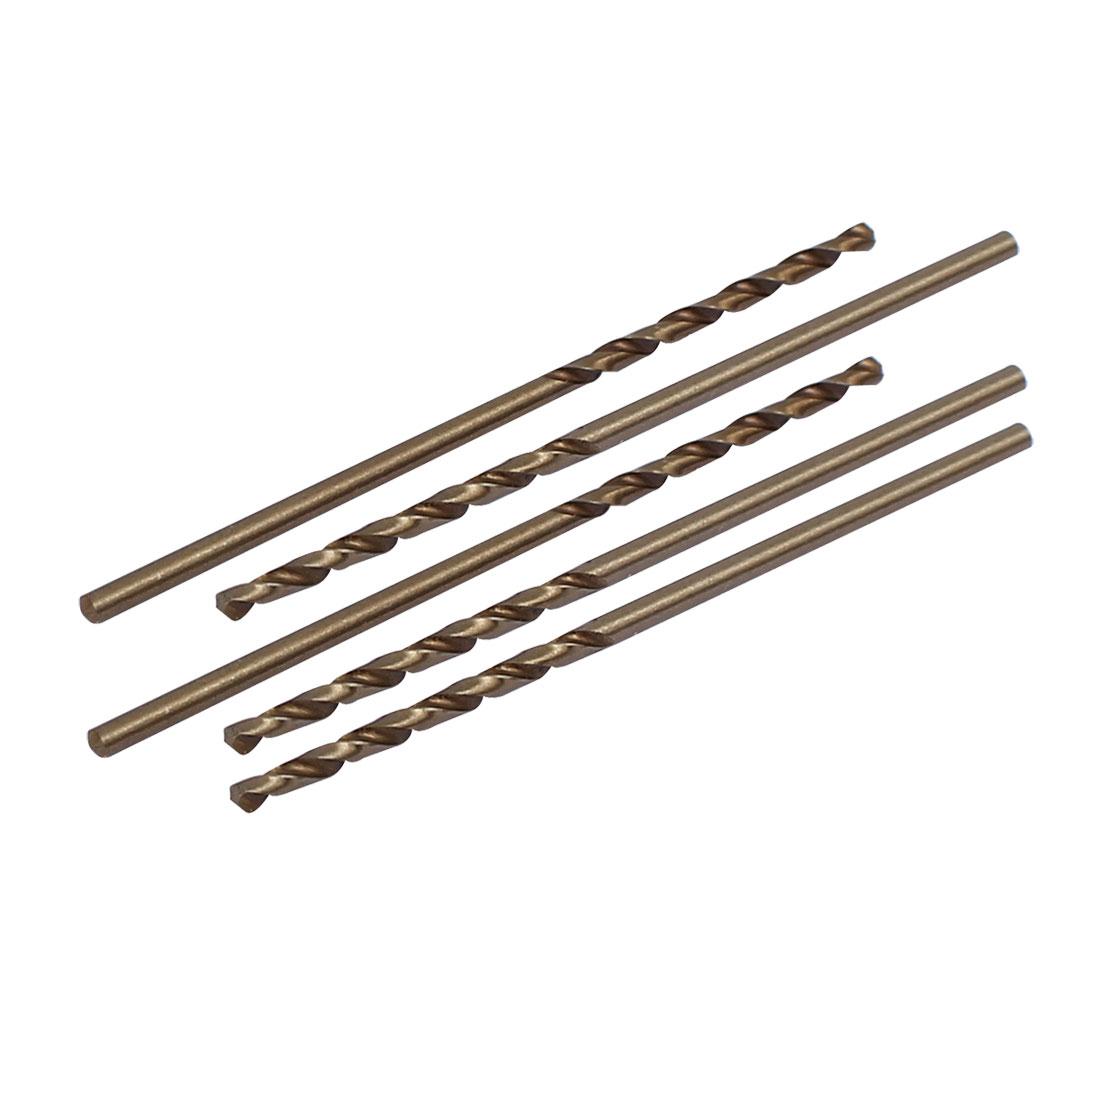 1.6mm Dia Split Point HSS Cobalt Metric Twist Drill Bit Drilling Tool 5pcs